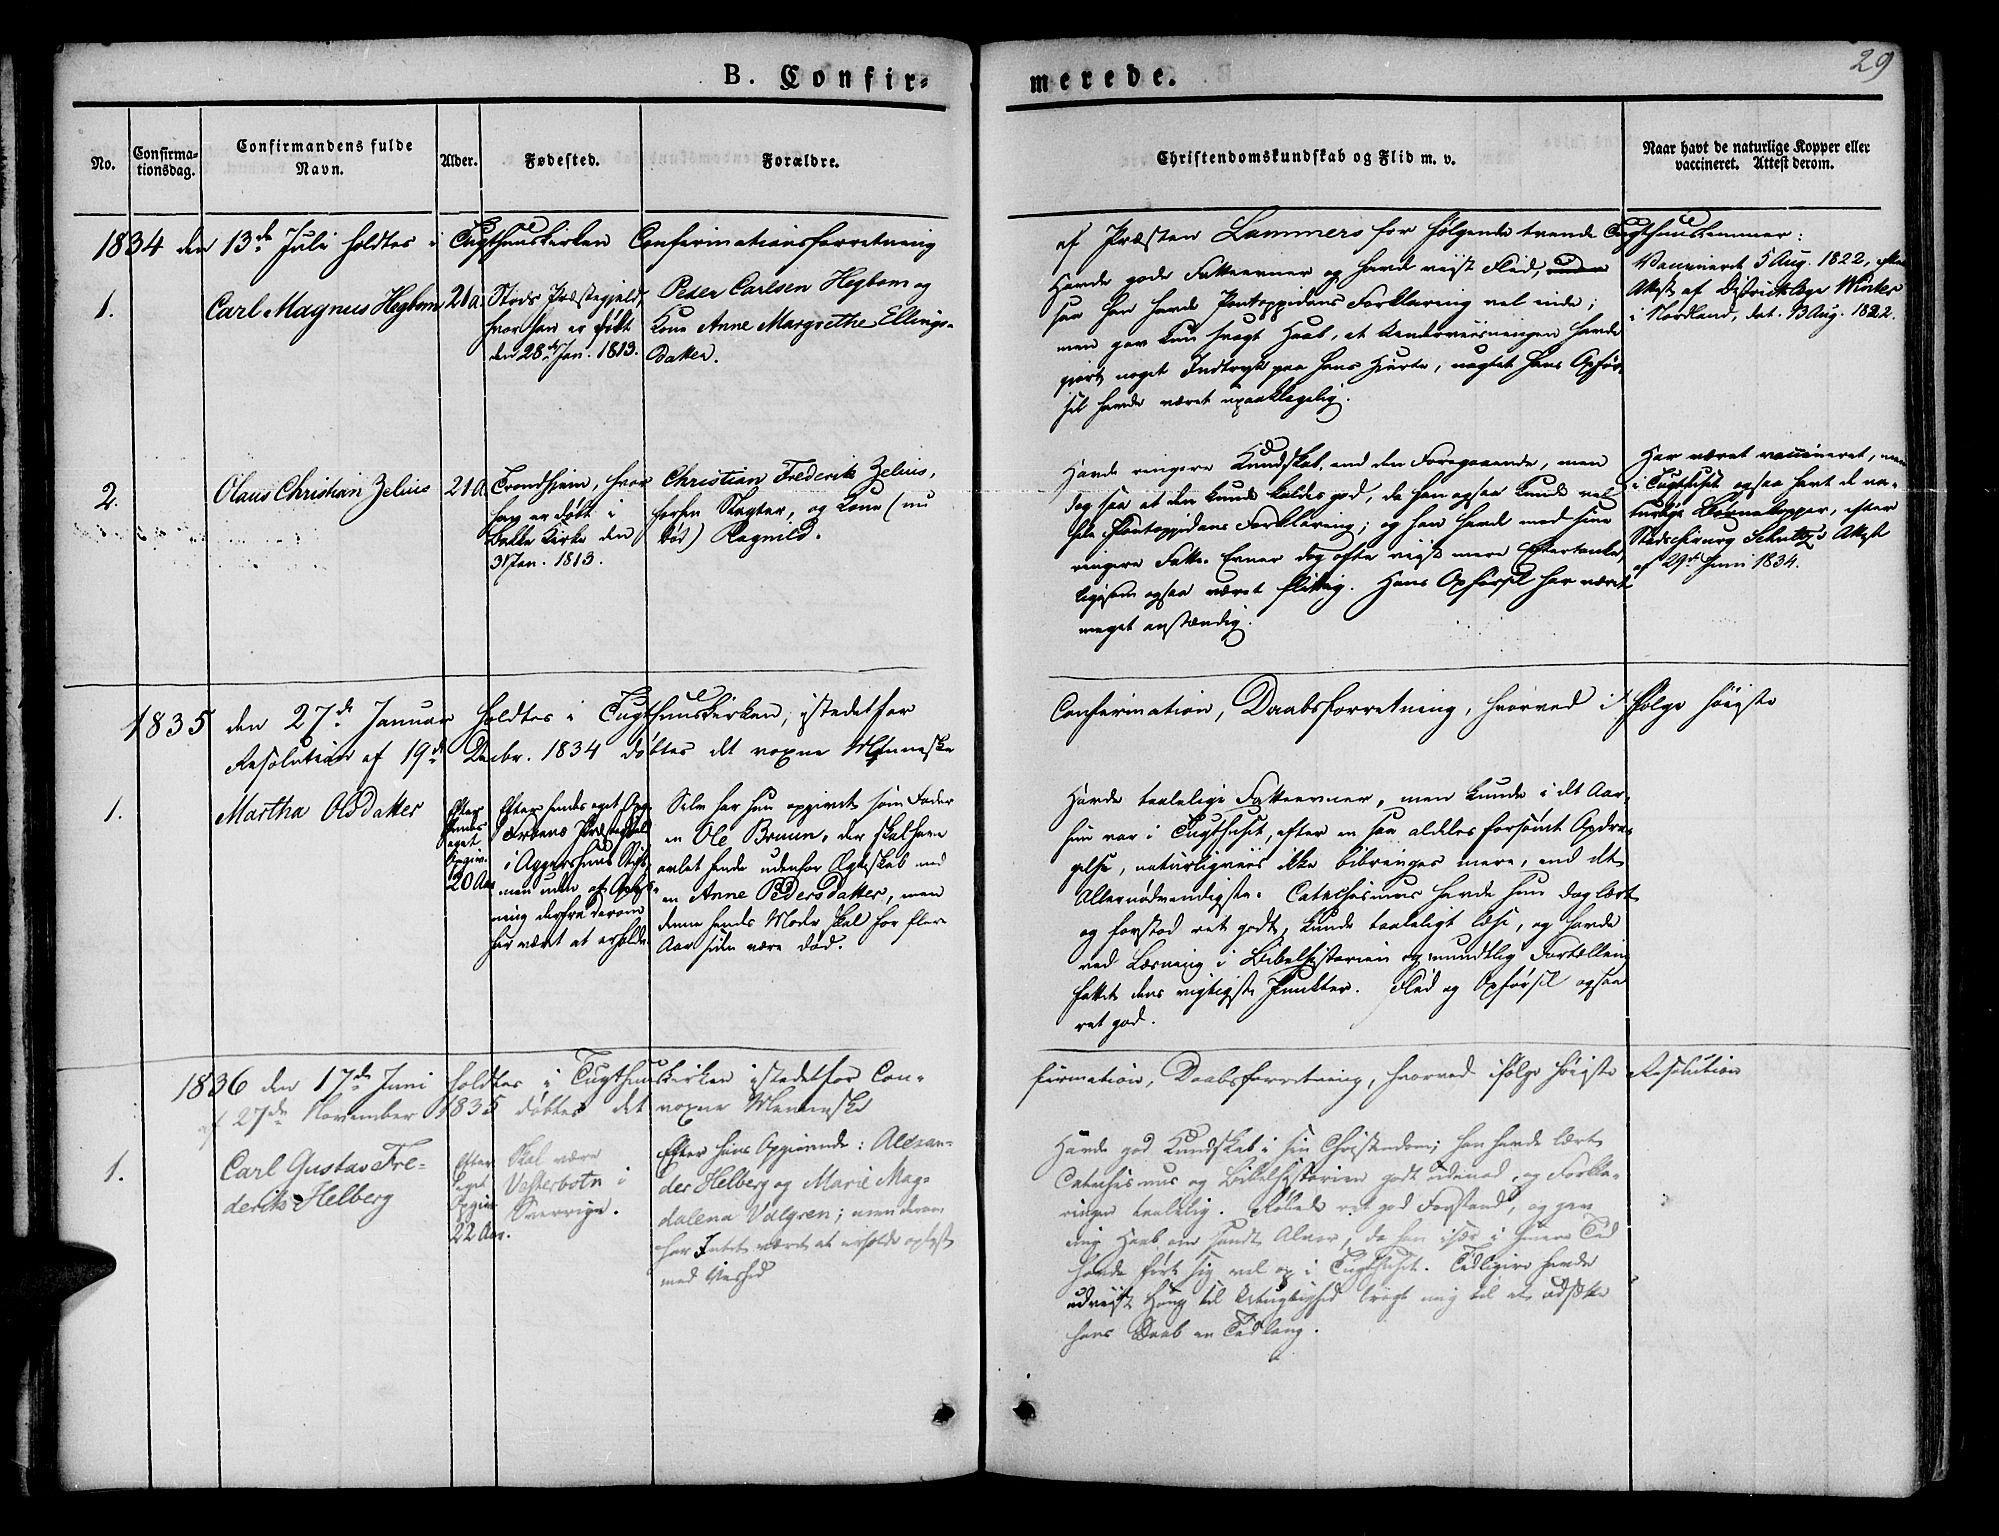 SAT, Ministerialprotokoller, klokkerbøker og fødselsregistre - Sør-Trøndelag, 623/L0468: Ministerialbok nr. 623A02, 1826-1867, s. 29